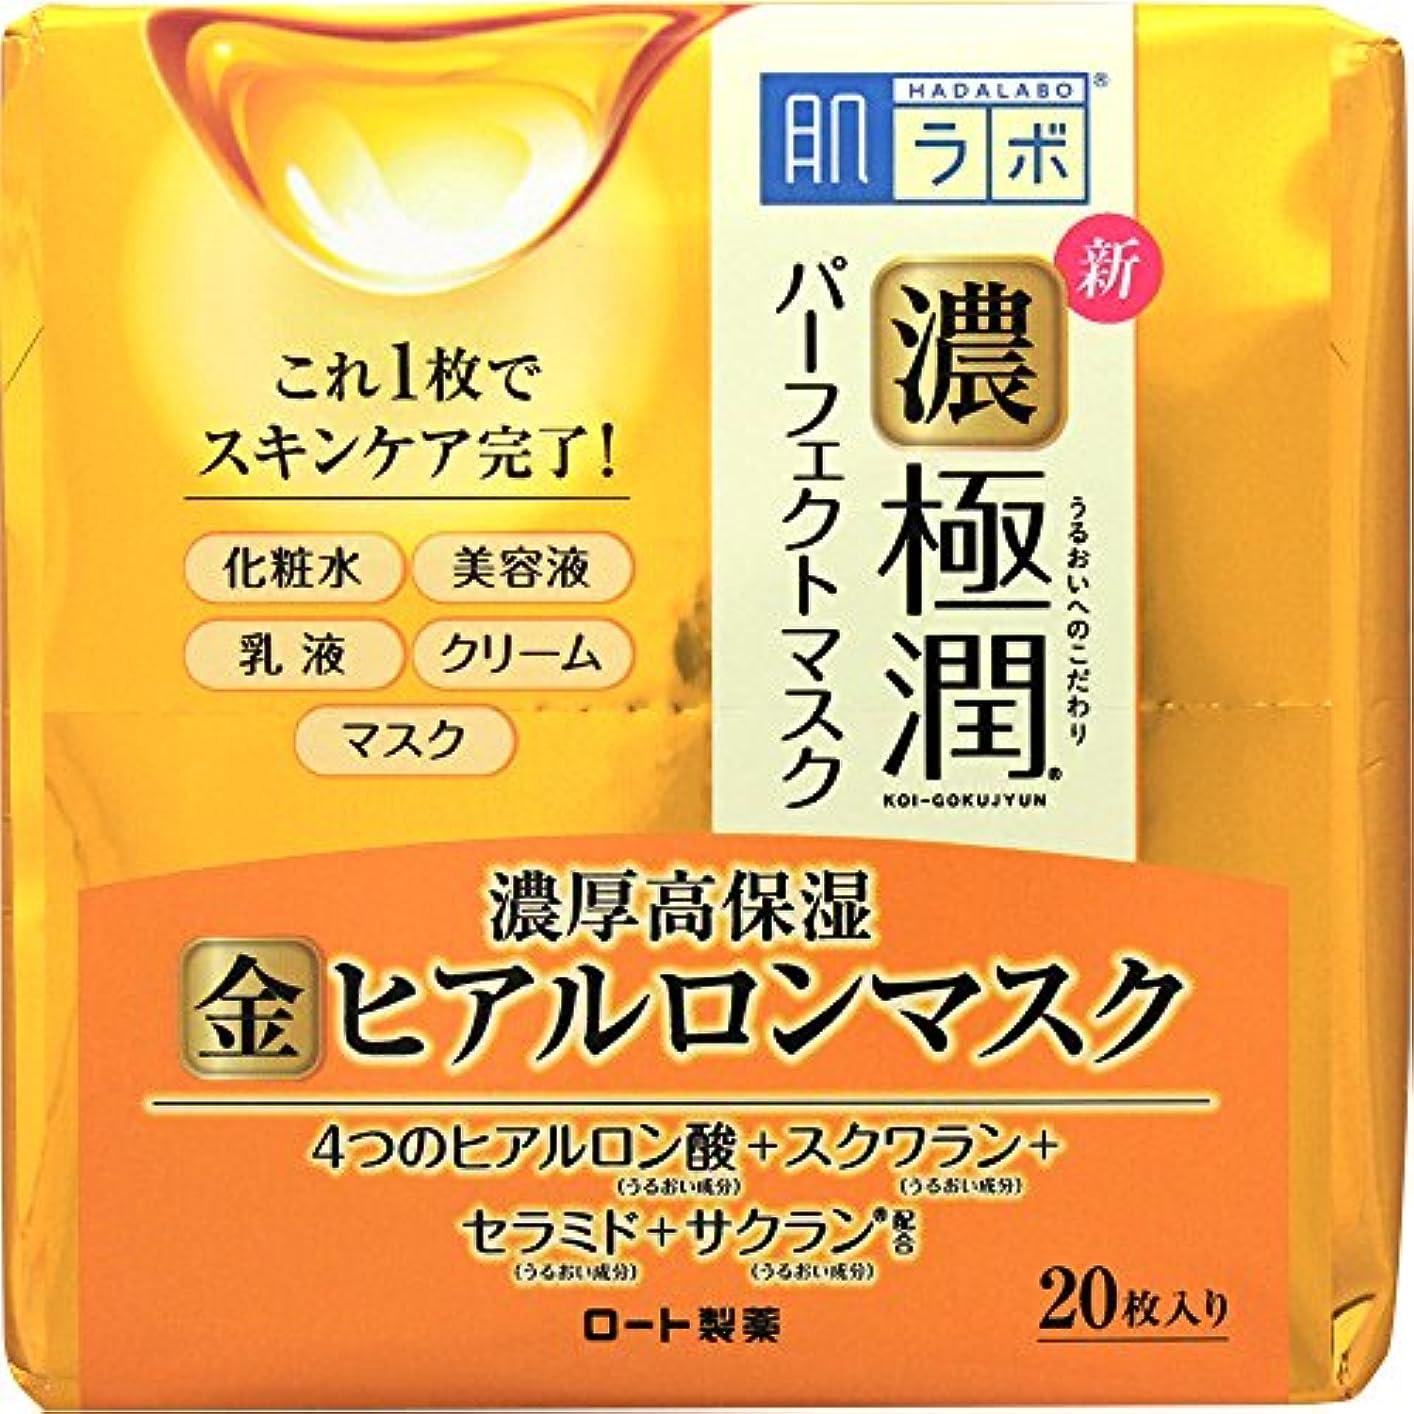 料理をする誰もモザイク肌ラボ 濃い極潤 オールインワン パーフェクトマスク 4つのヒアルロン酸×スクワラン×セラミド×サクラン配合 20枚